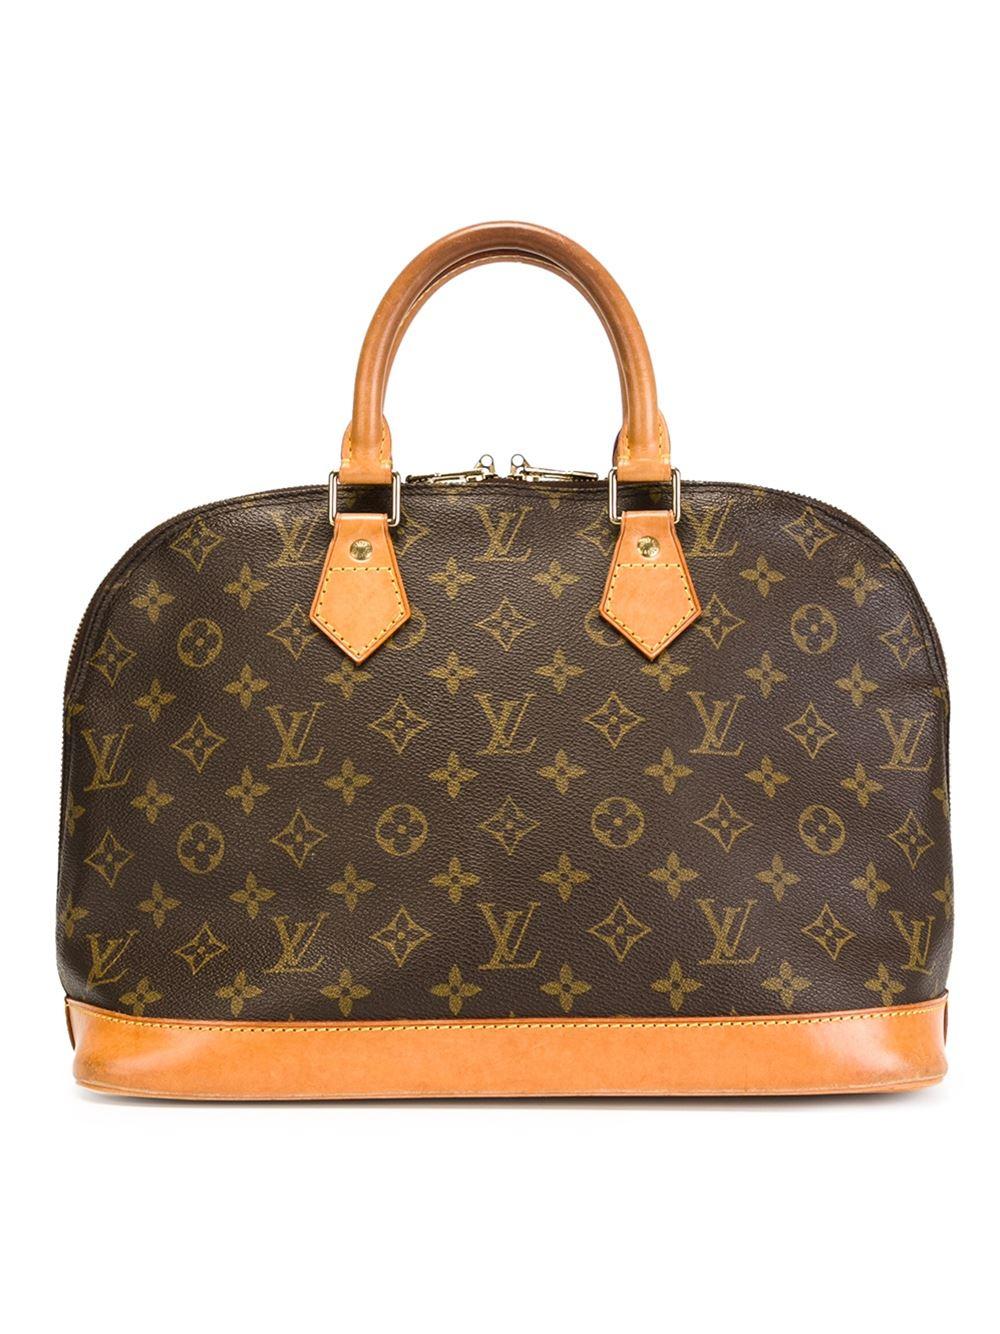 Louis vuitton 39 alma 39 medium bag in brown lyst for Louis vuitton miroir alma bag